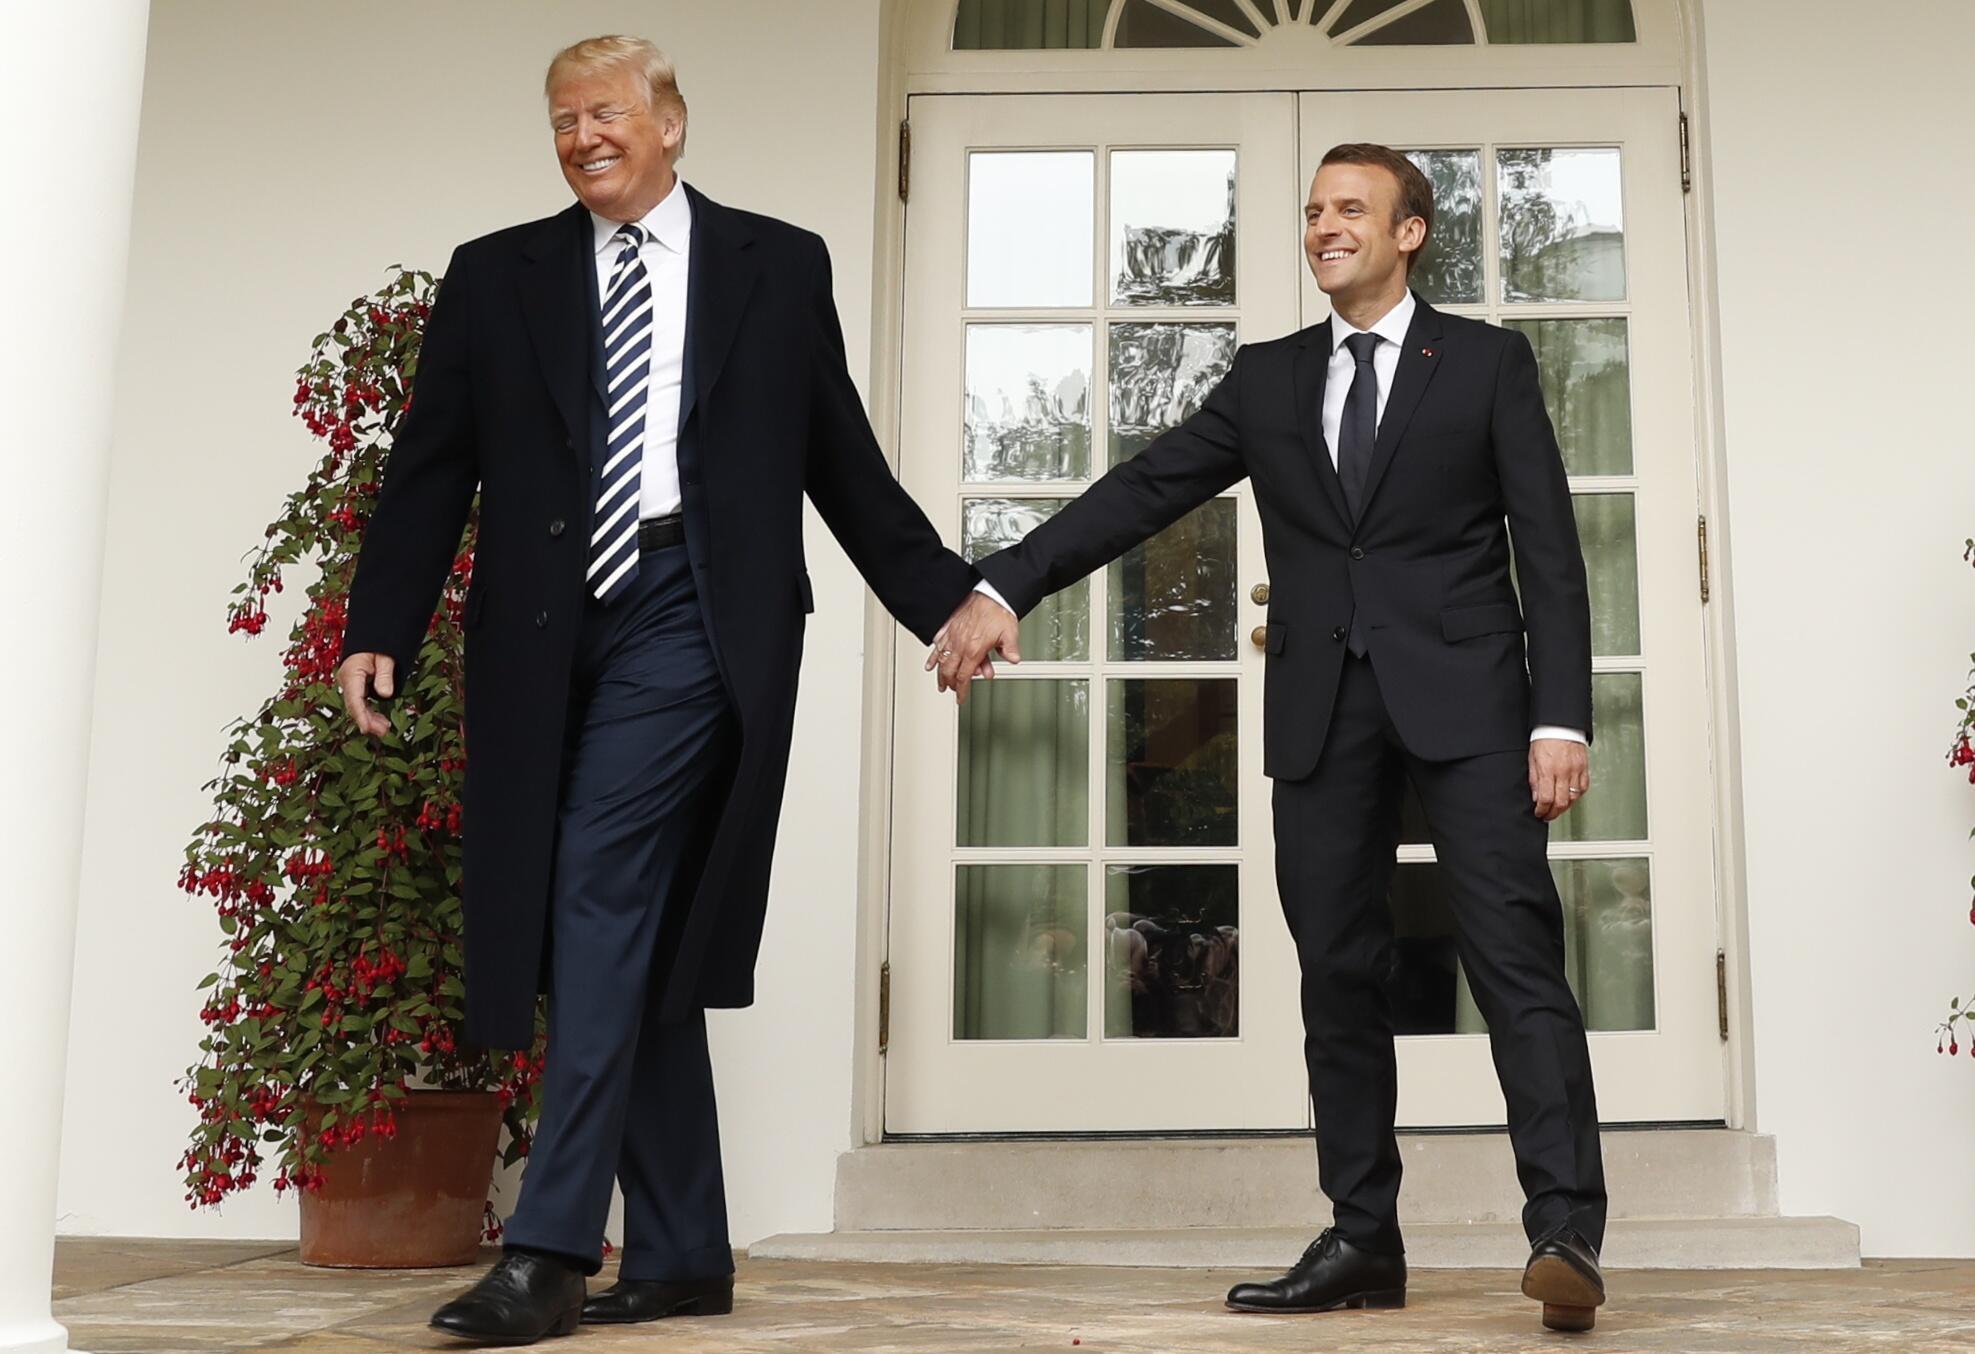 Сегодня Трамп и Макрон уже не демонстрируют взаимной сердечности. На фото: встреча в Белом доме, 26 апреля 2018